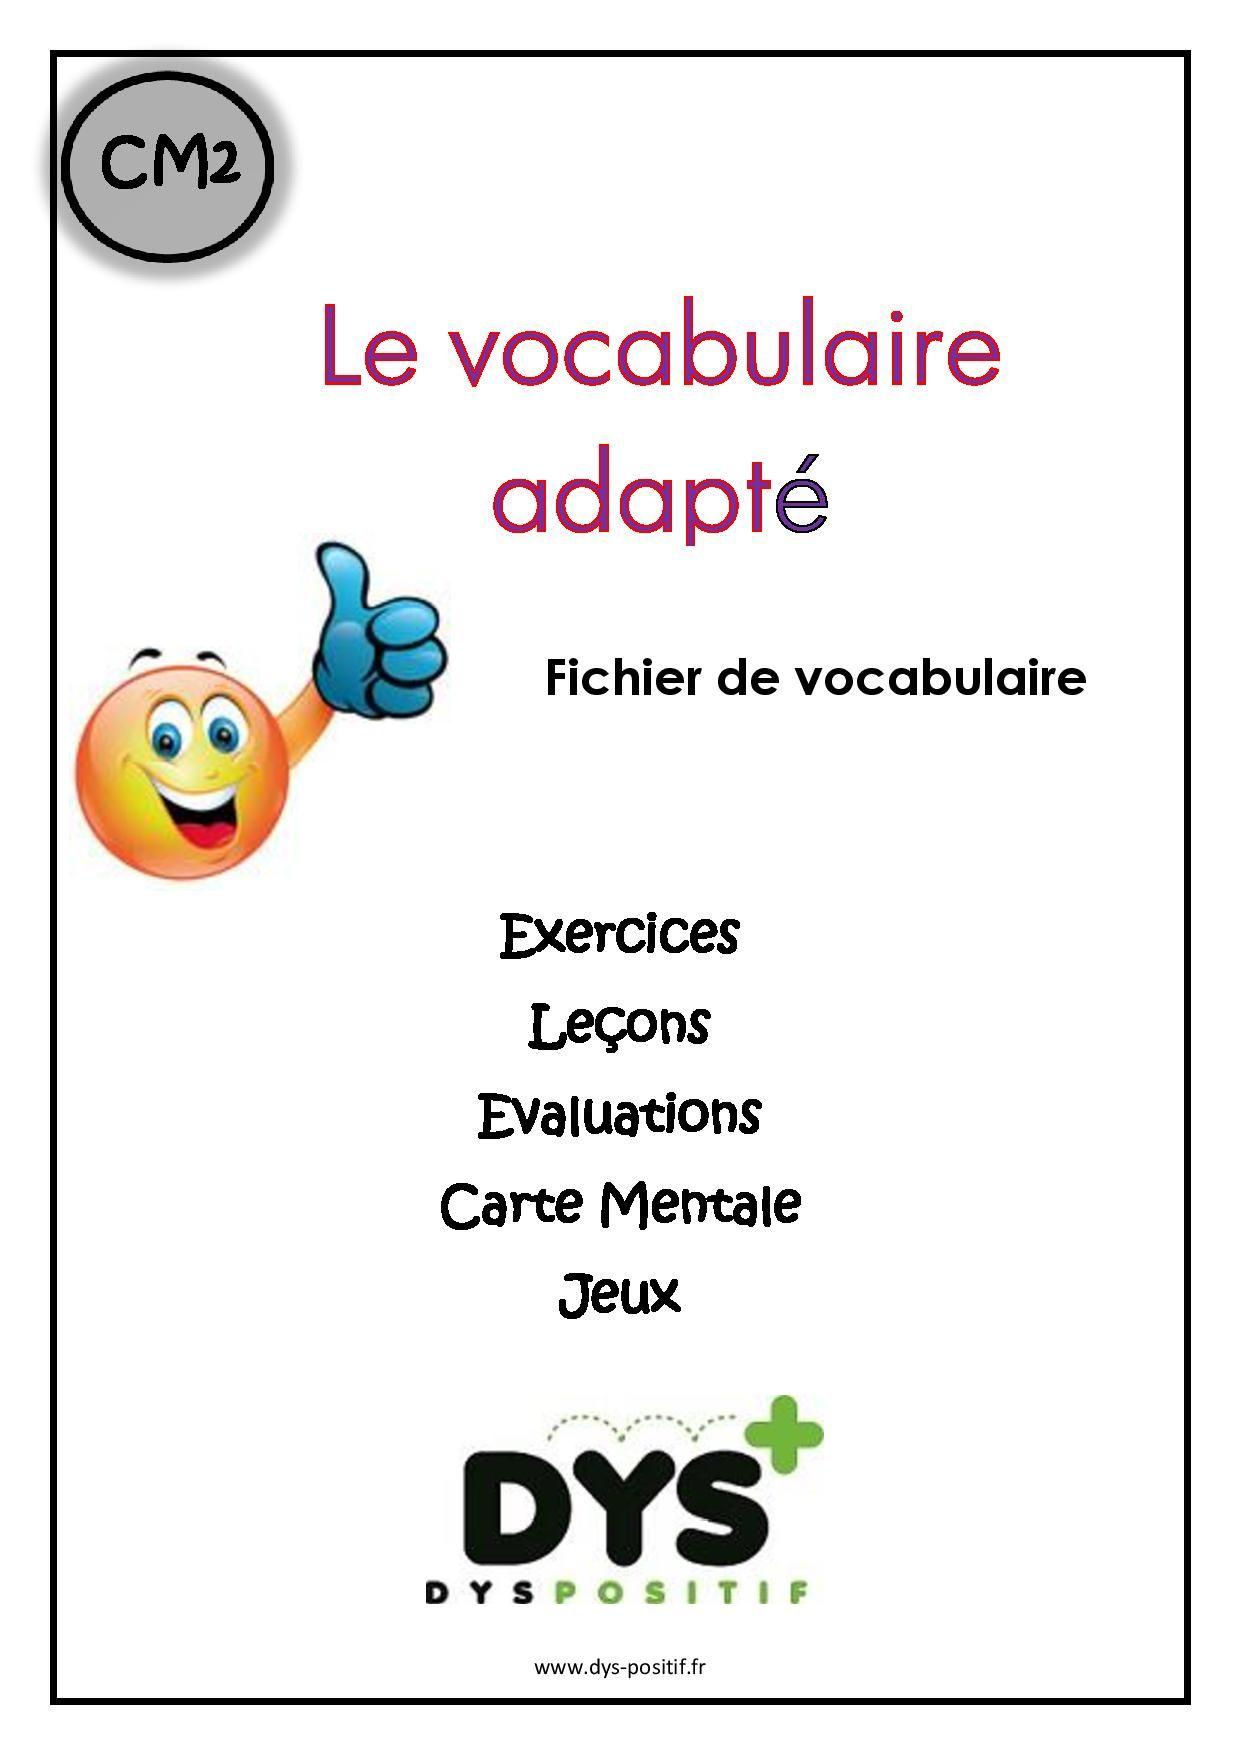 Cm2 - 5ème primaire - Fiches à imprimer DYS | Exercices de vocabulaire, Exercices orthographe ...